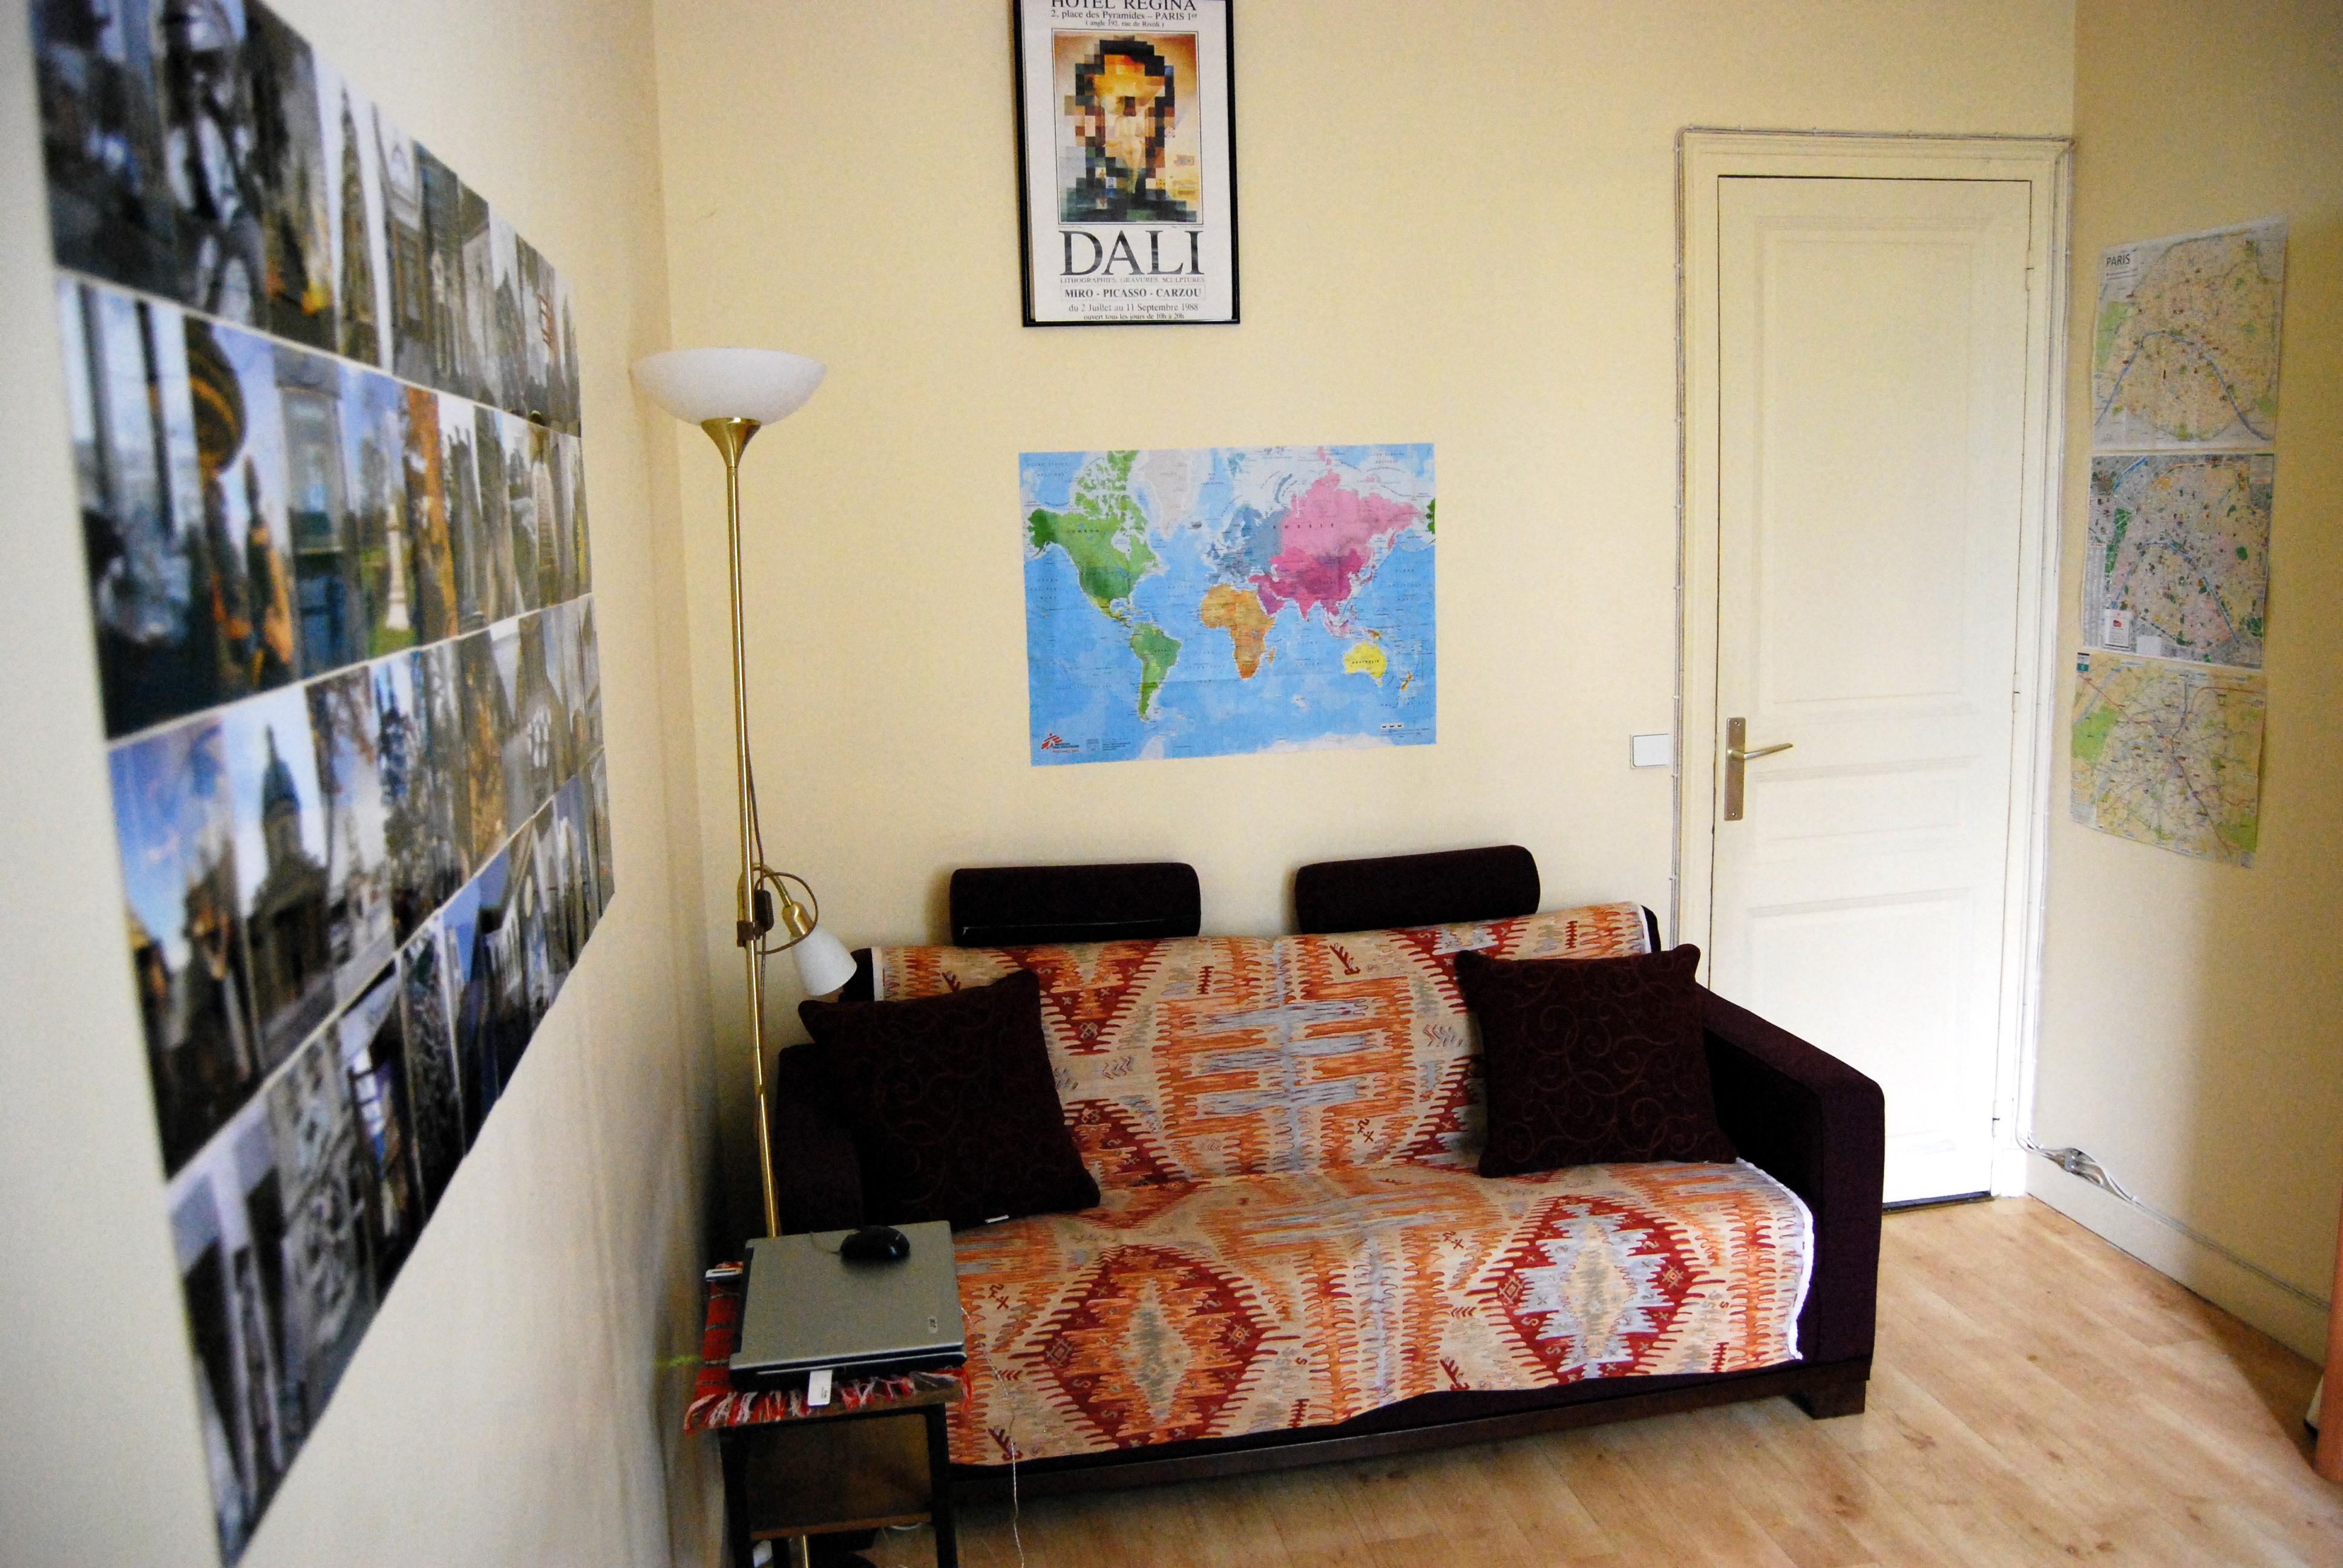 Images Gratuites : Maison, Chalet, Propriété, Salon, Chambre, Canapé,  Appartement, Design Du0027intérieur, Creativecommons, Cc0, Domaine Public,  Nocopyright, ...